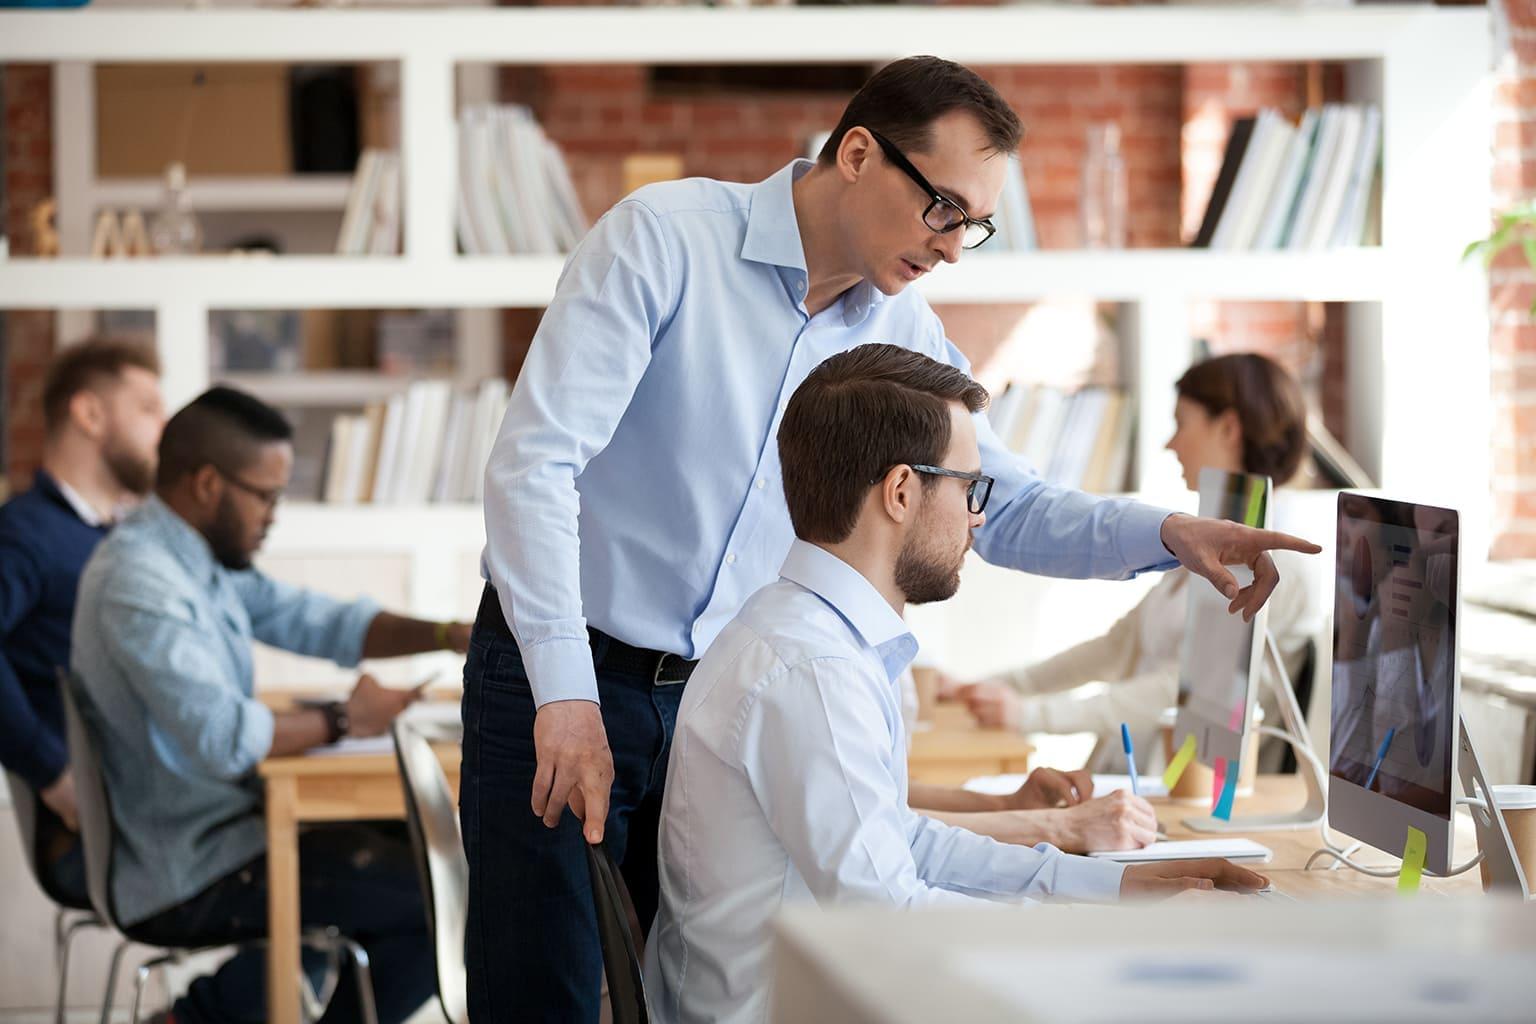 senior helpt junior boekhouder tijdens training boekhouden